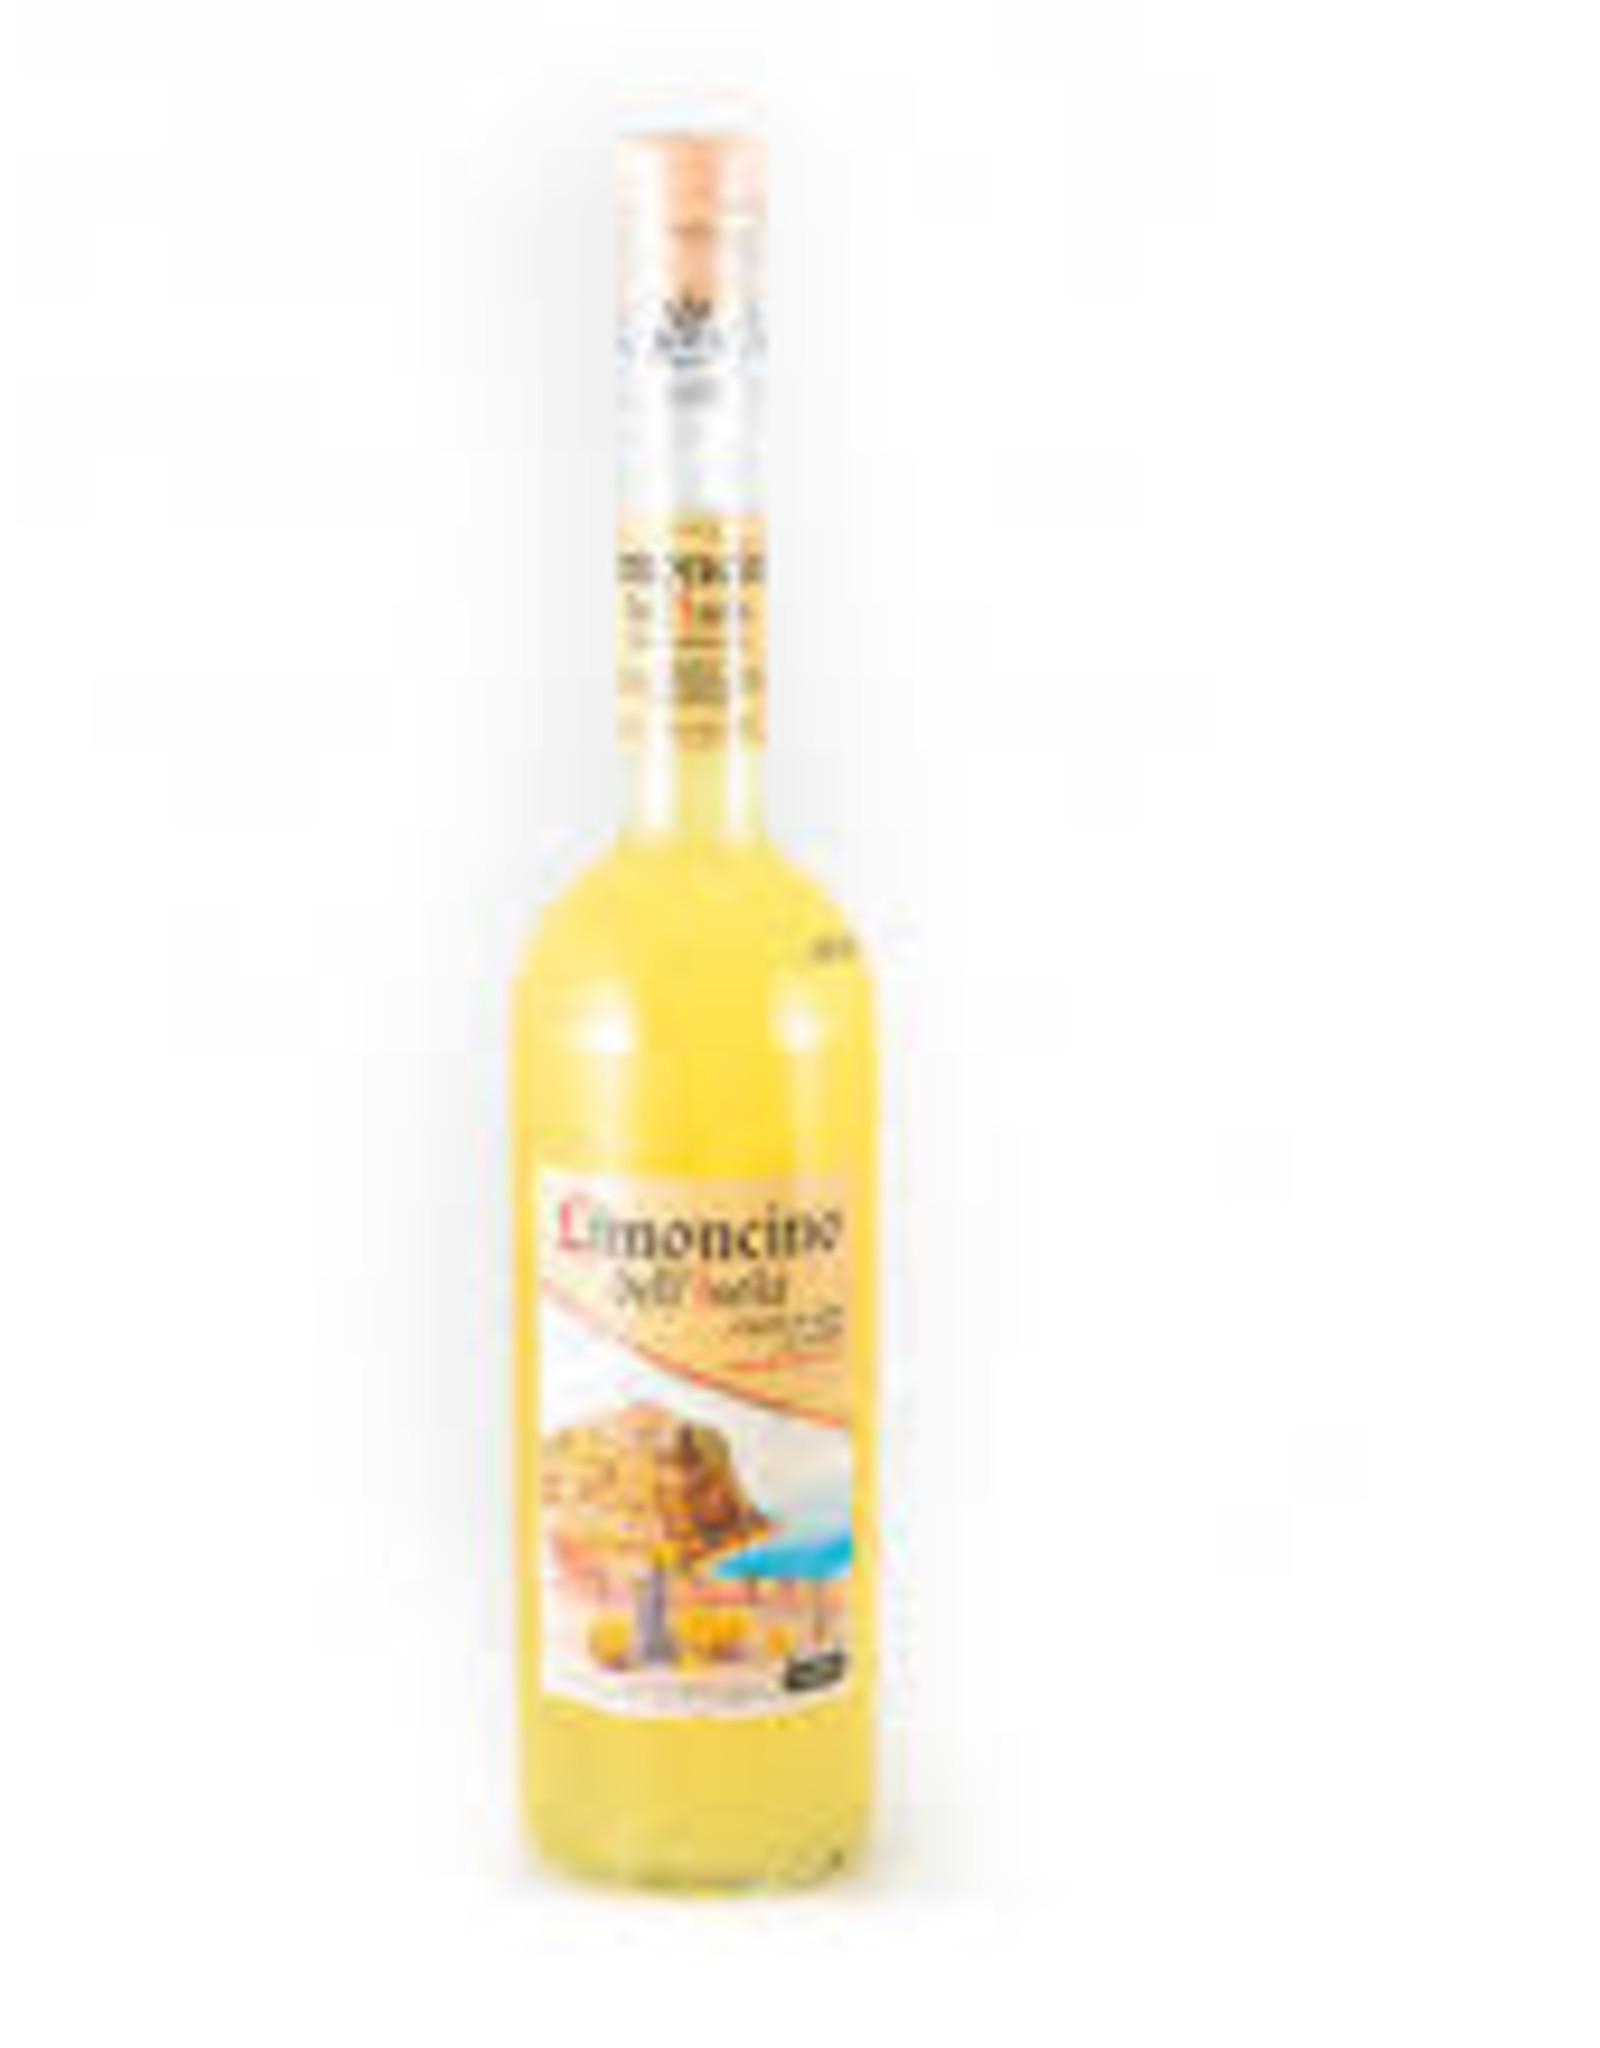 Spirits Limoncino, Caffo